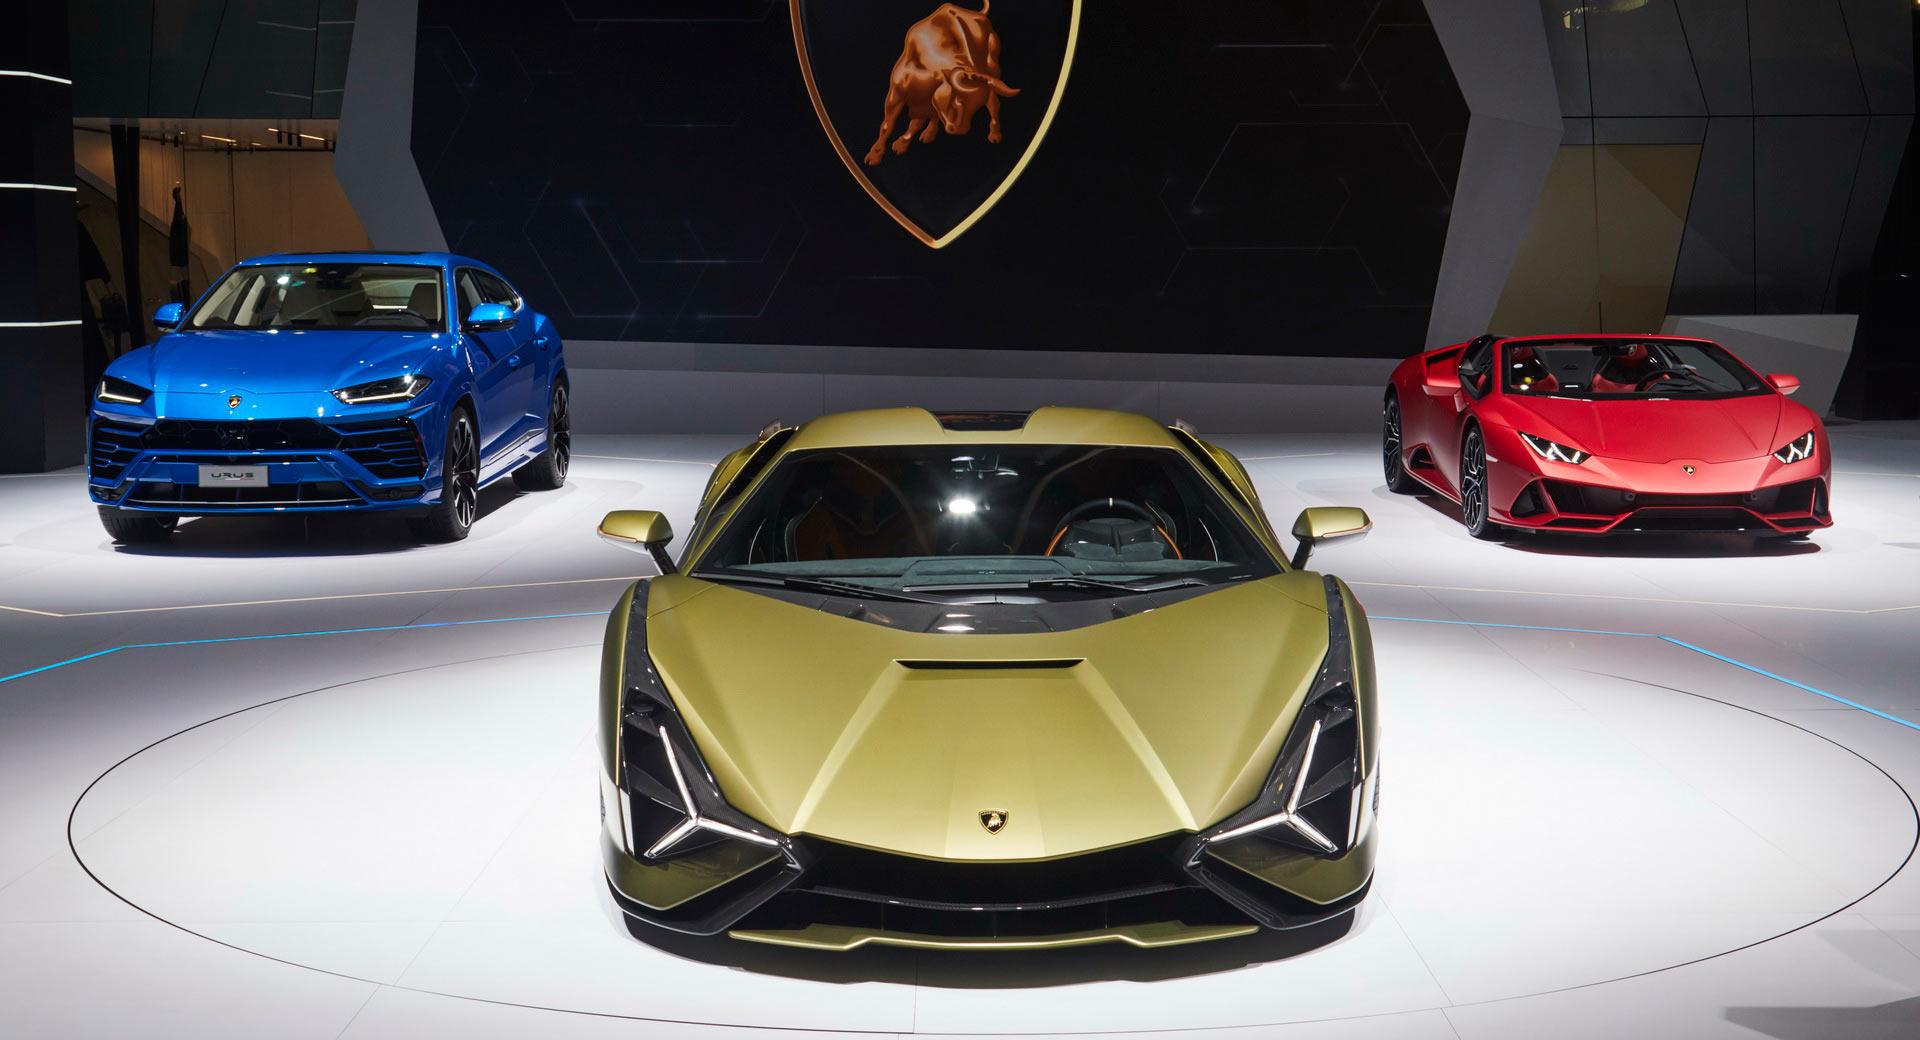 Lamborghini Adds Quot Fkp 37 Quot Moniker To Sian Updates Urus